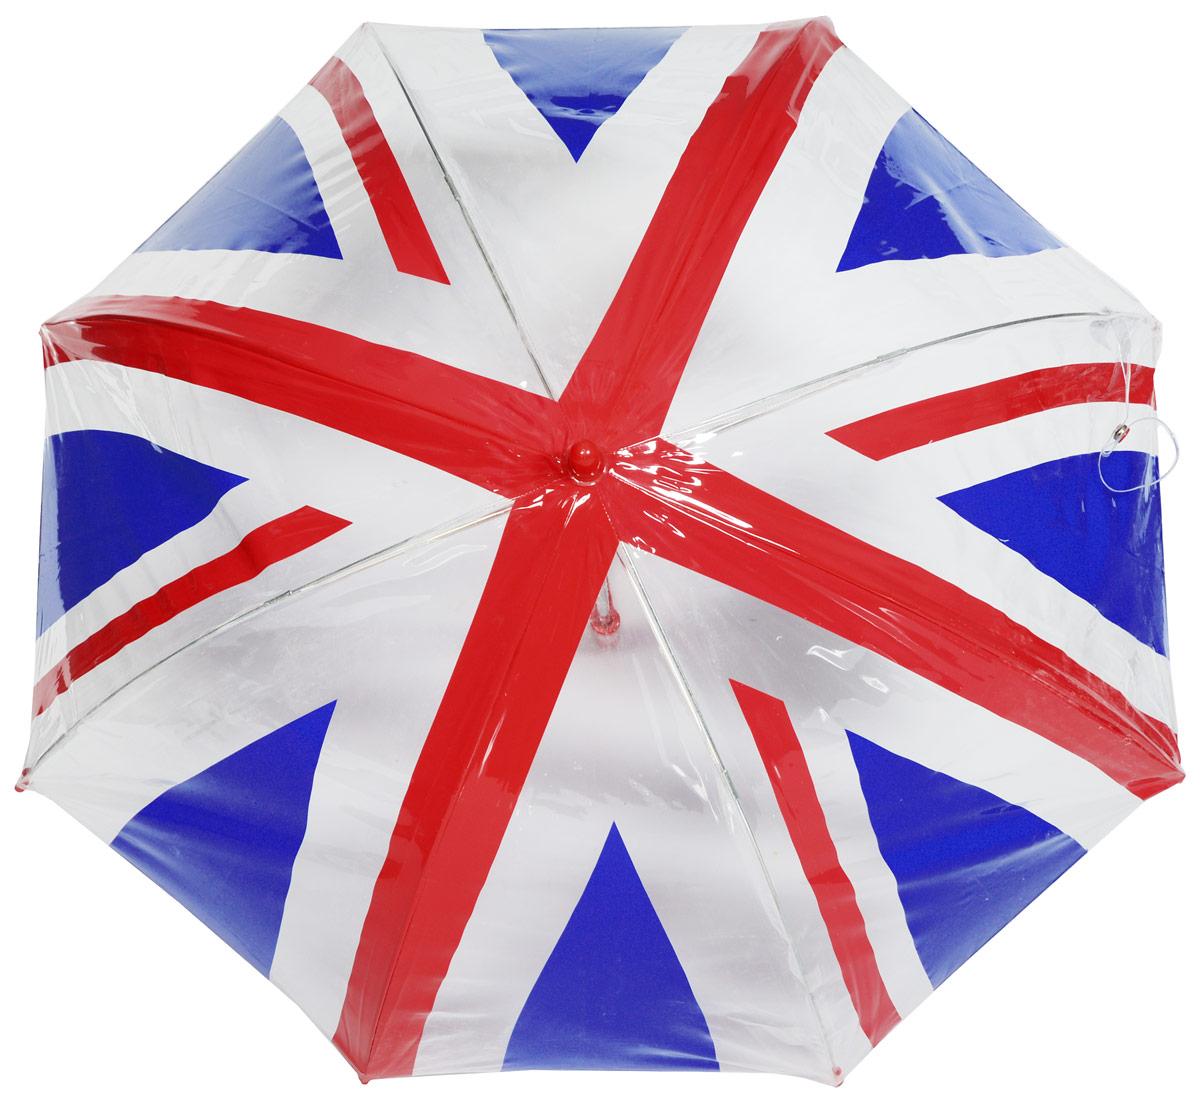 Зонт детский Fulton, расцветка: флаг. C605-2283 UnionJackC605-2283 UnionJackСимпатичный прозрачный зонтик в форме купола с ярким узором обязательно понравится Вашему ребенку! Специальная безопасная и надежная технология открывания и закрывания. Модная форма купола. Зонт отлично защищает от дождя, и при этом он абсолютно прозрачен. Прочный ветроустойчивый каркас из фибергласса. Длина в сложенном виде 68,5 см, диаметр купола 65 см